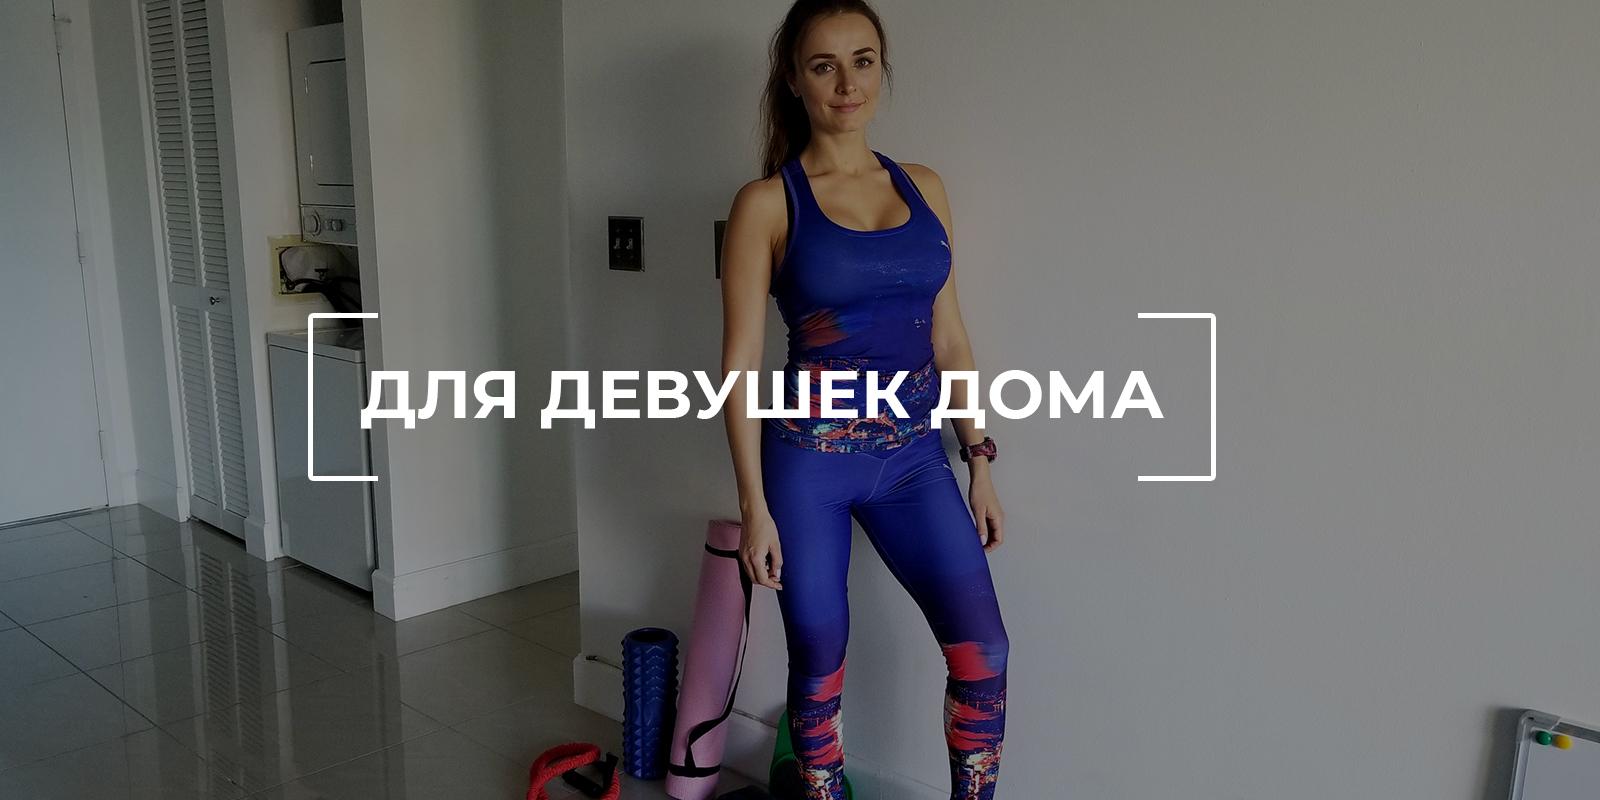 Девушкам Тренировки Дома